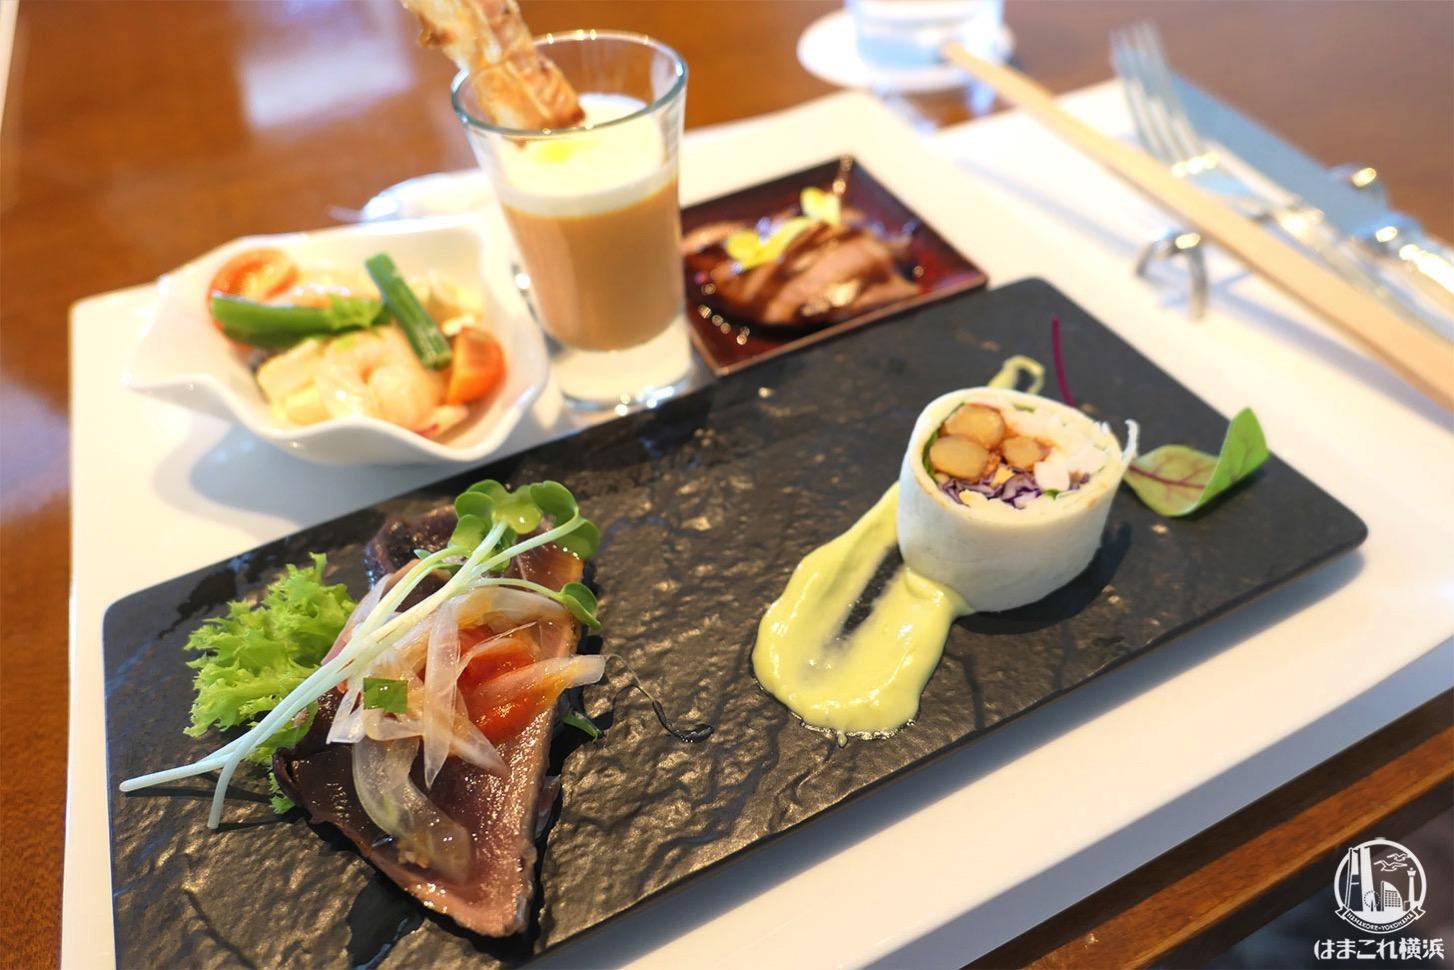 横浜ロイヤルパークホテル「シリウスランチ」のオーダーブッフェ快適で楽しめた!